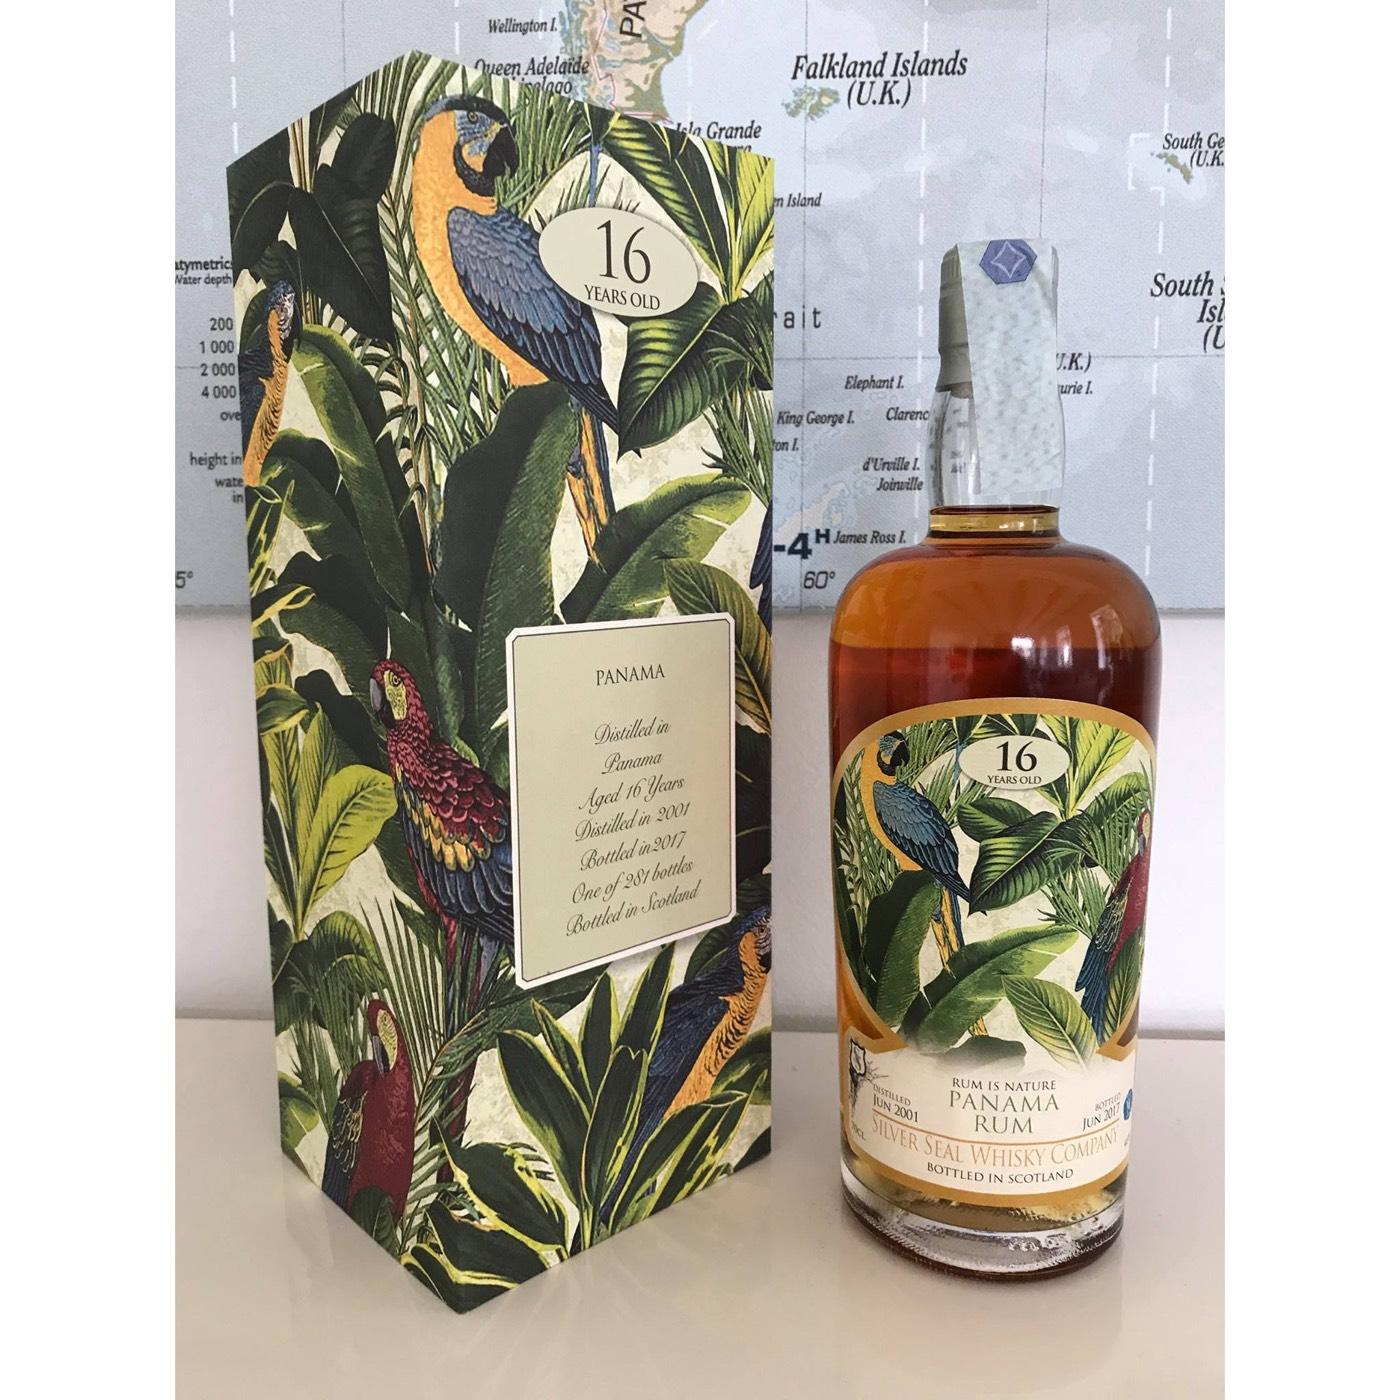 Bottle image of Panama